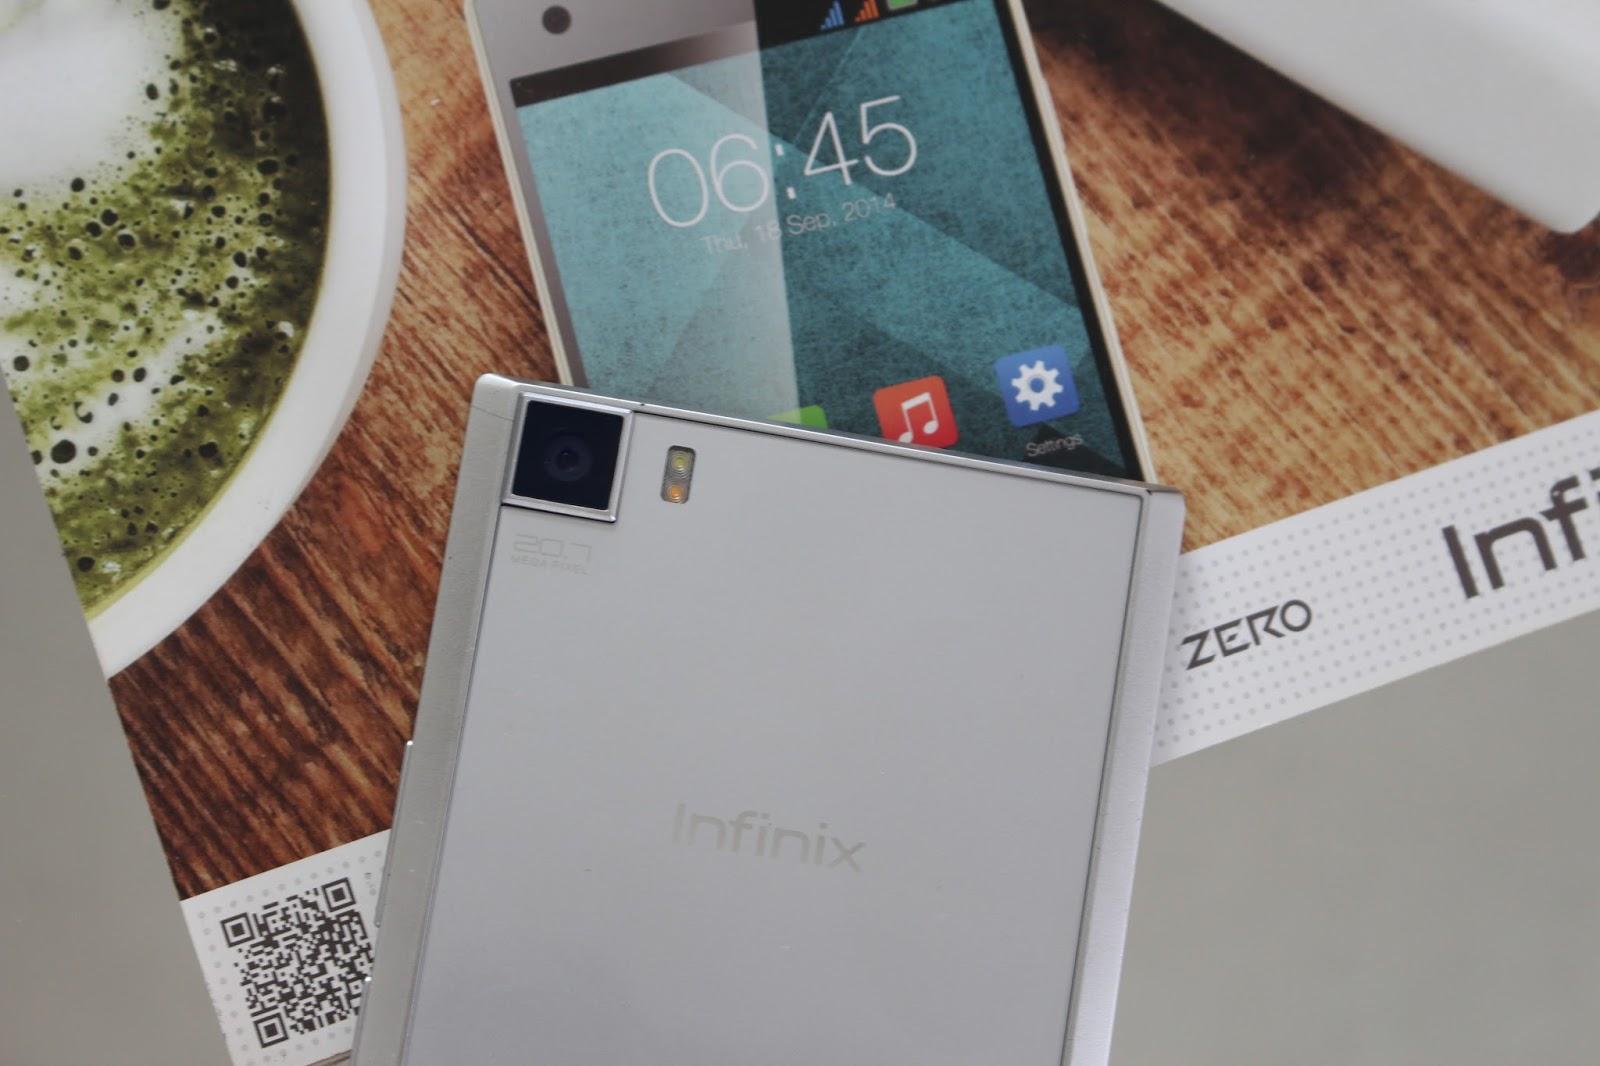 المواصفات التفصيلية واستعراض سريع وسعر هاتف infinix zero 3